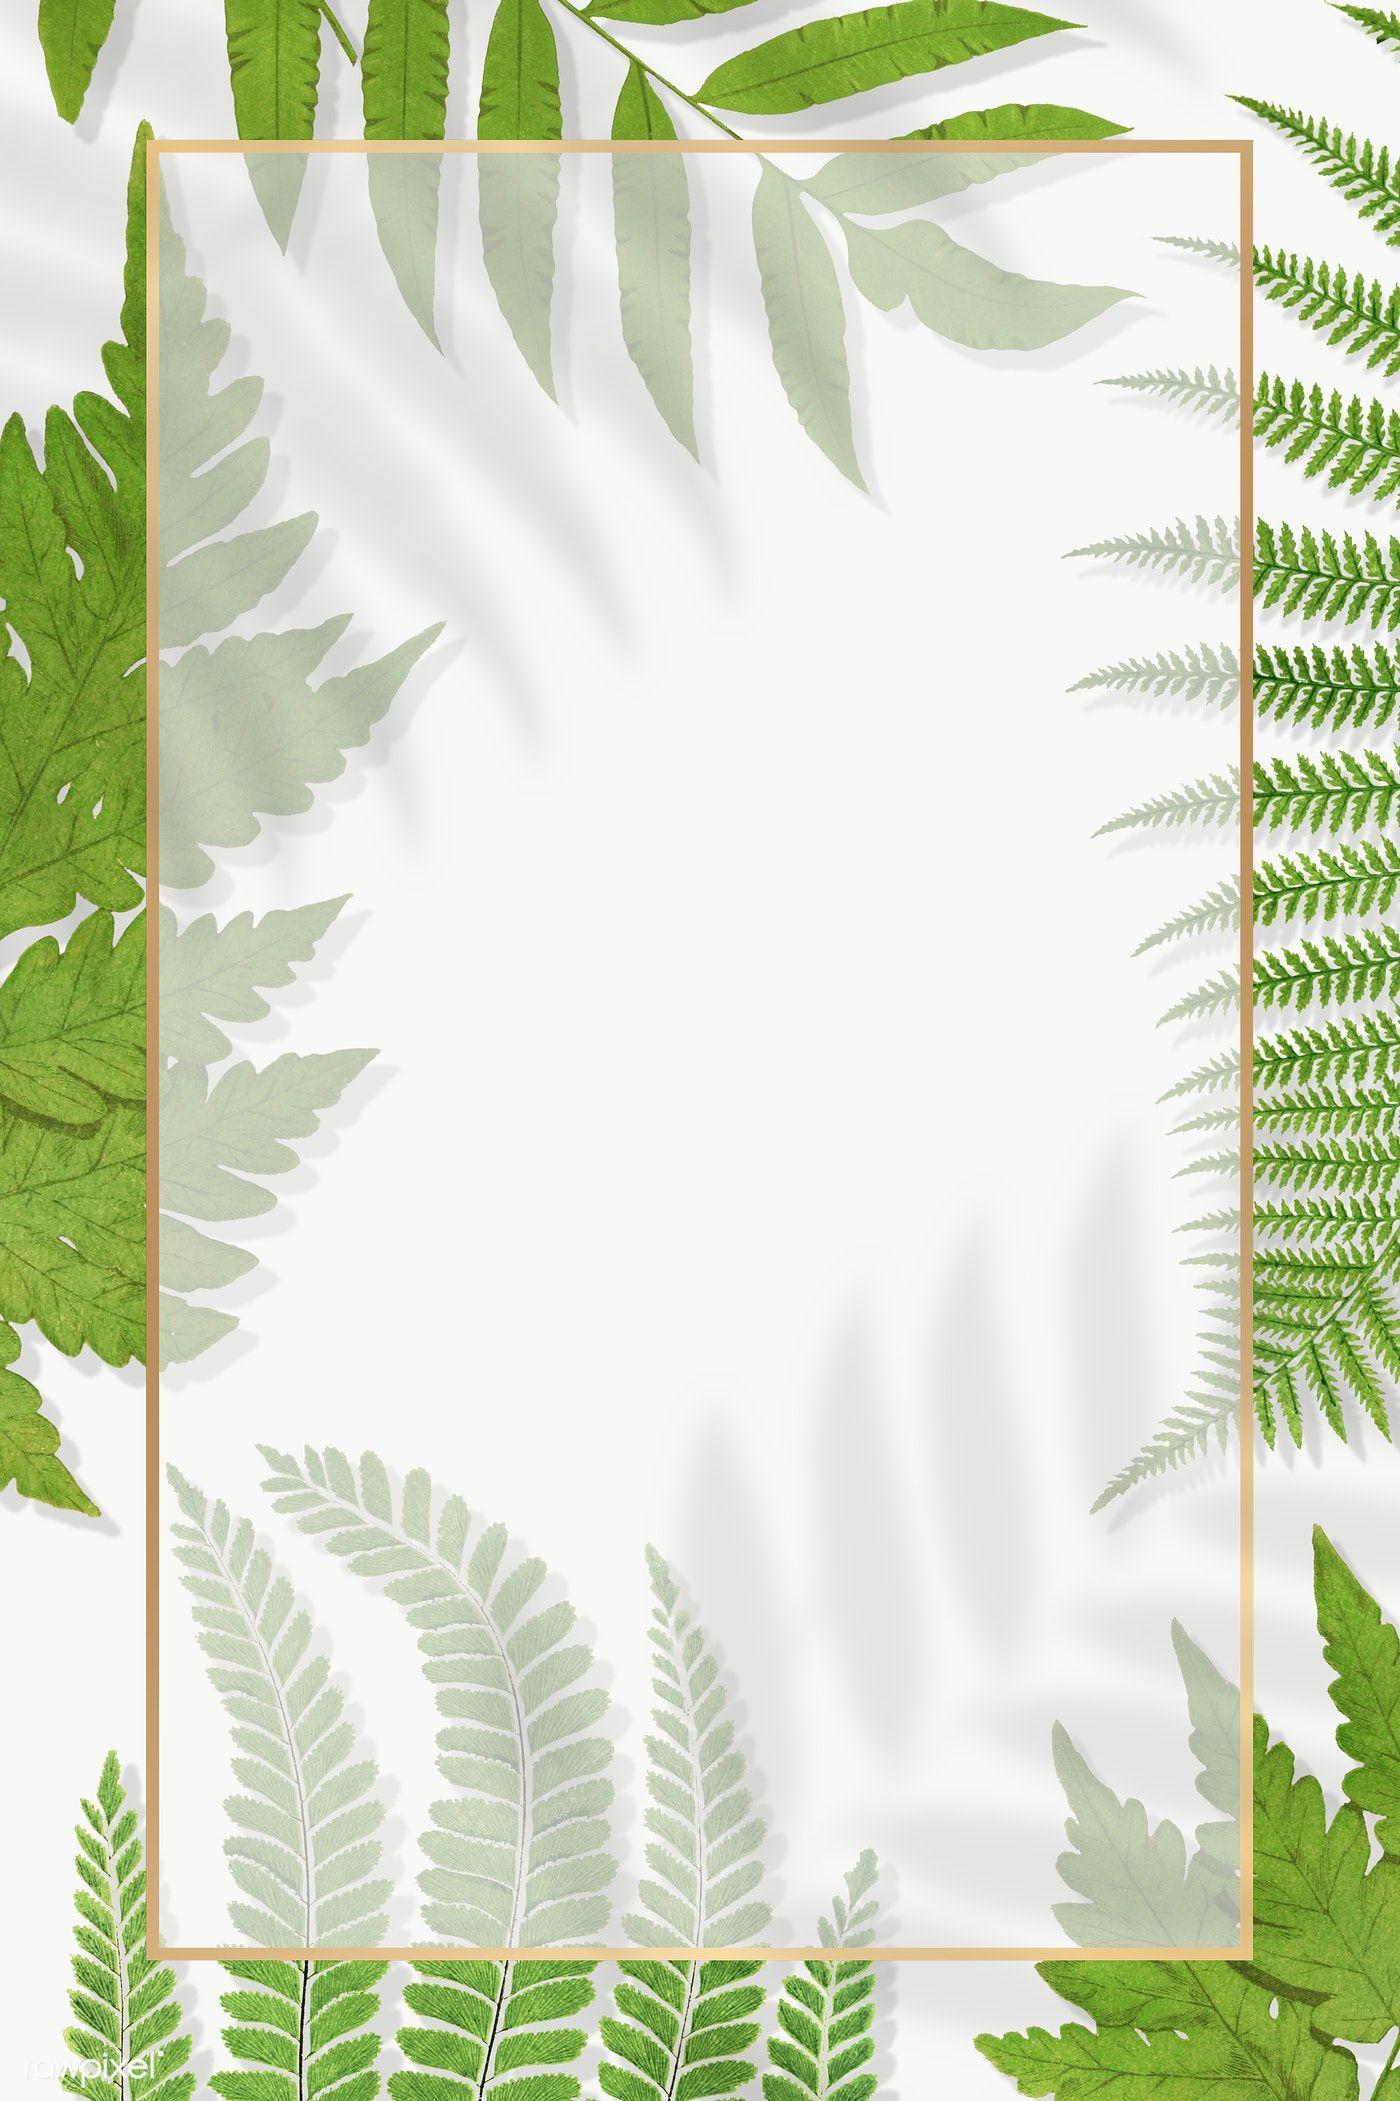 Frame Of Fern Leaves Transparent Png Premium Image By Rawpixel Com Manotang Flower Illustration Cute Wallpaper Backgrounds Leaf Illustration